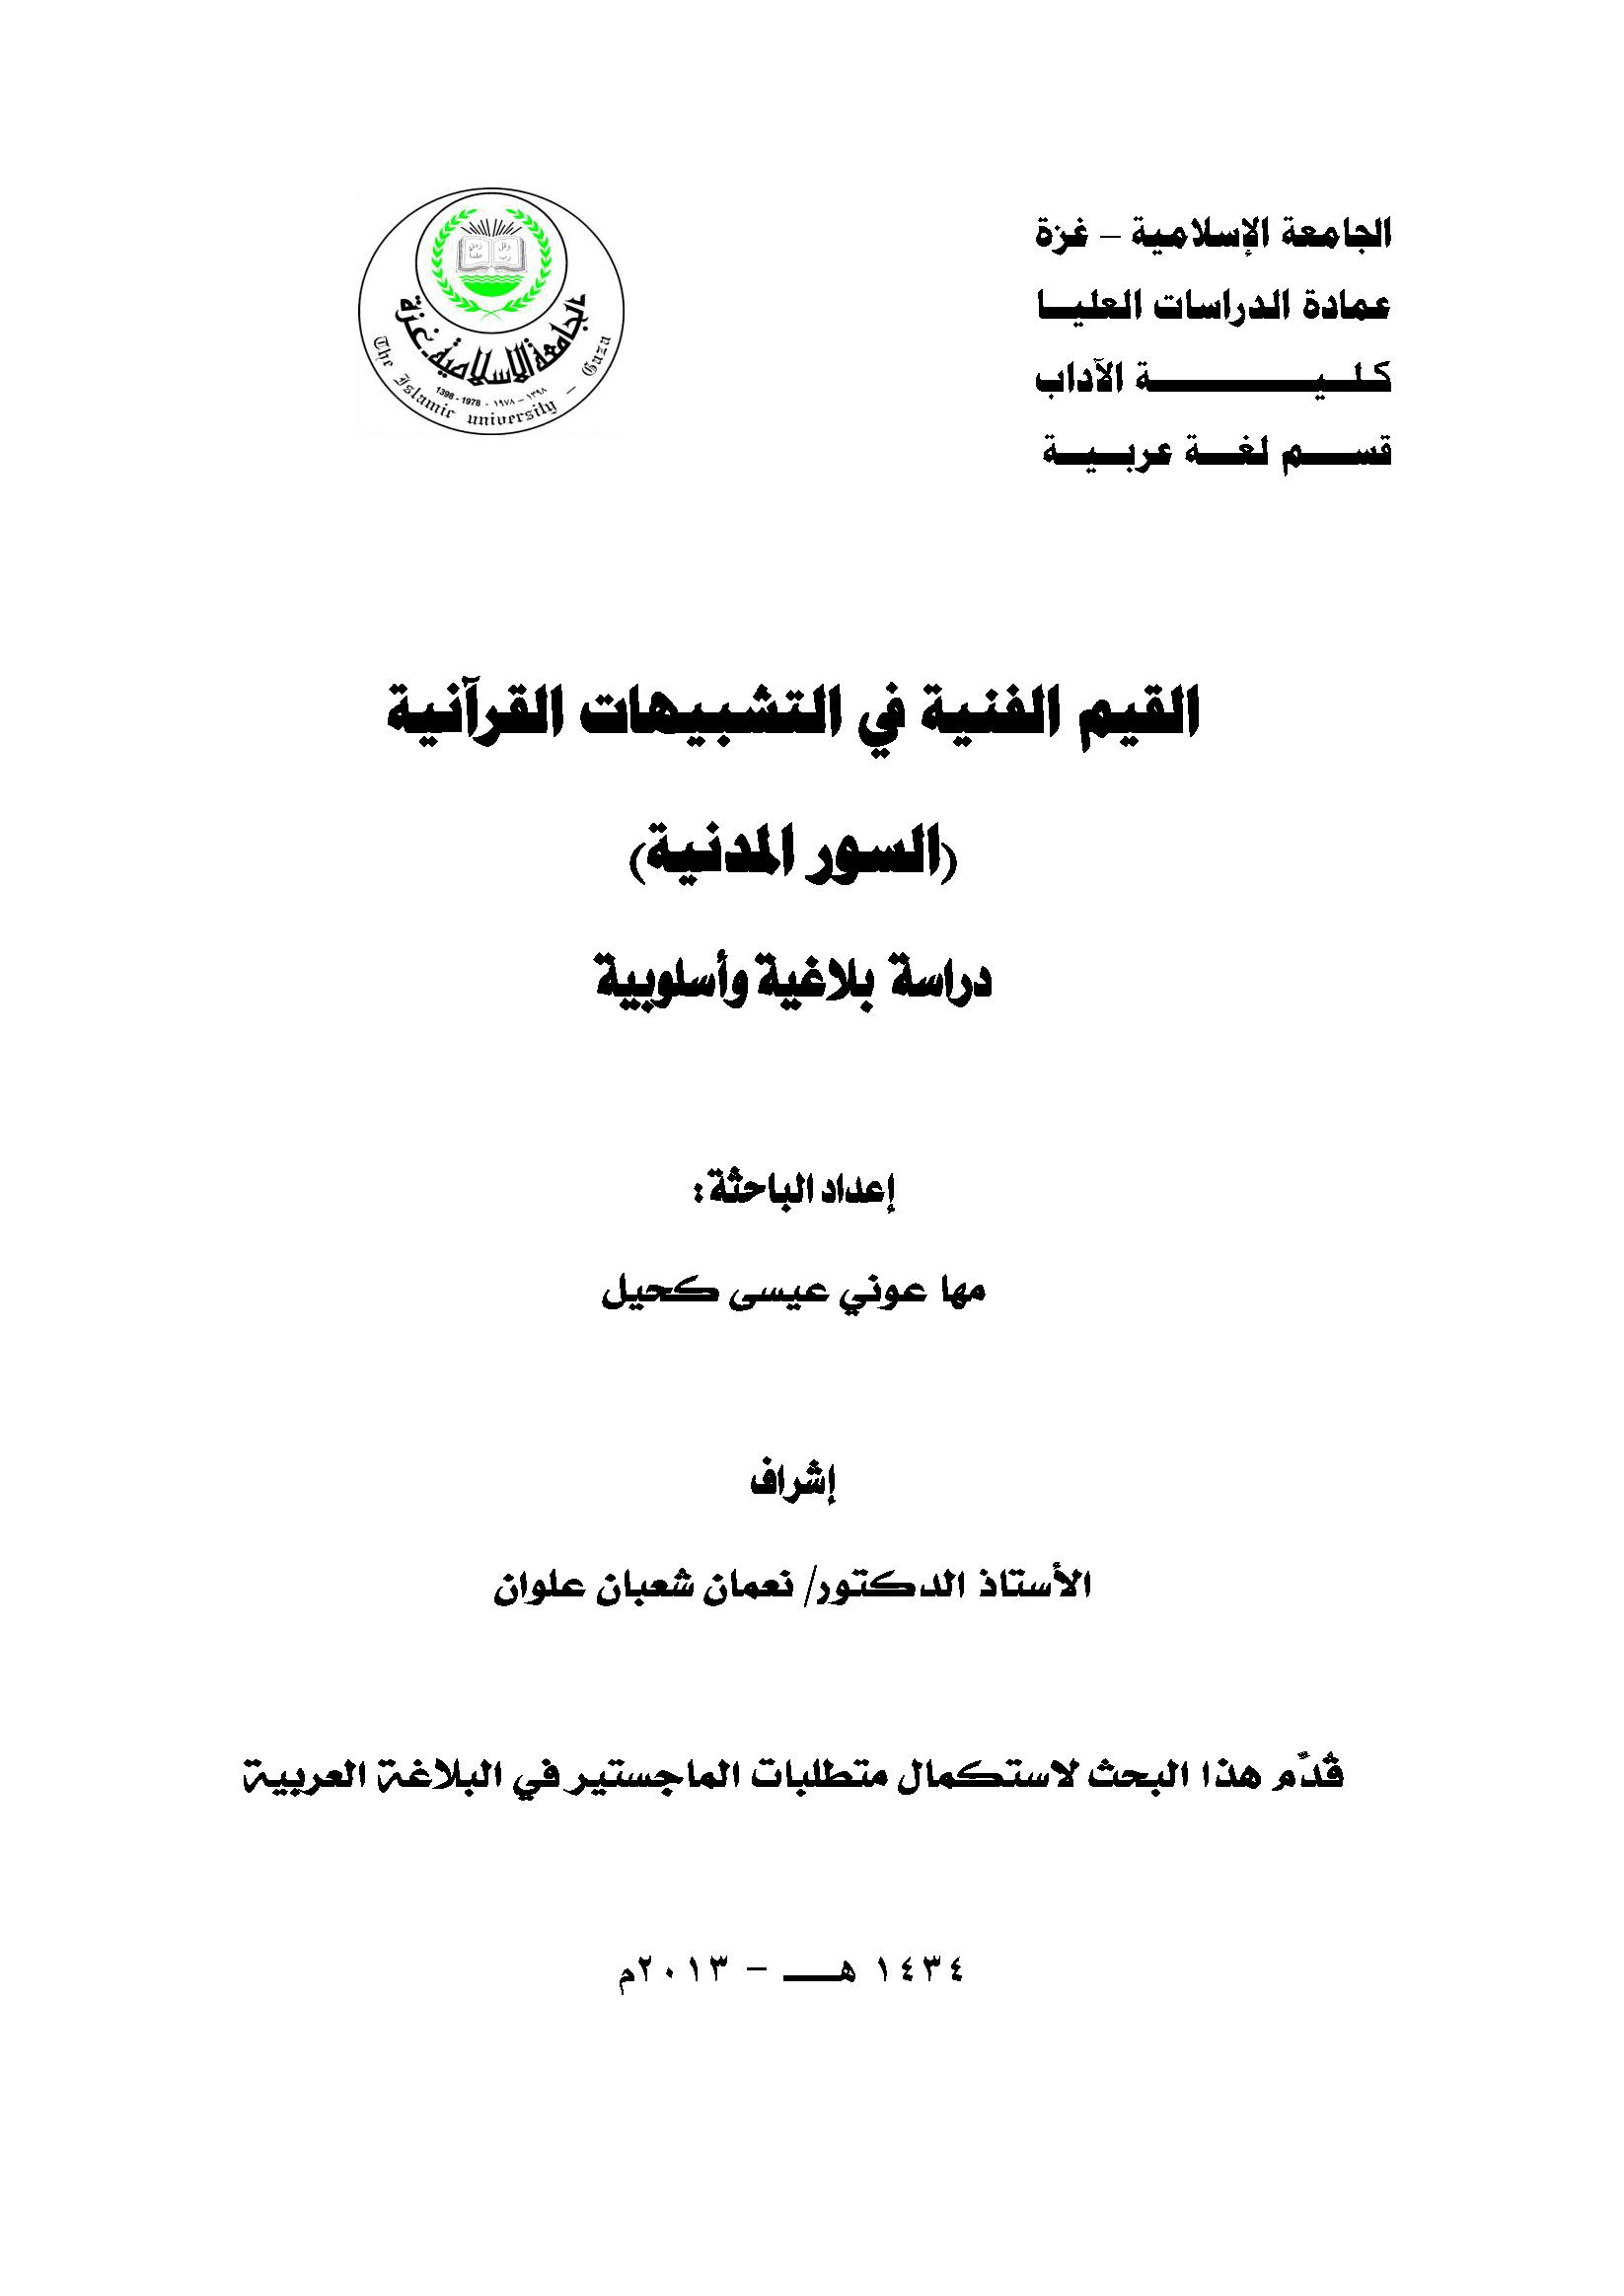 تحميل كتاب القيم الفنية في التشبيهات القرآنية (السور المدنية) دراسة بلاغية وأسلوبية لـِ: مها عوني عيسى كحيل